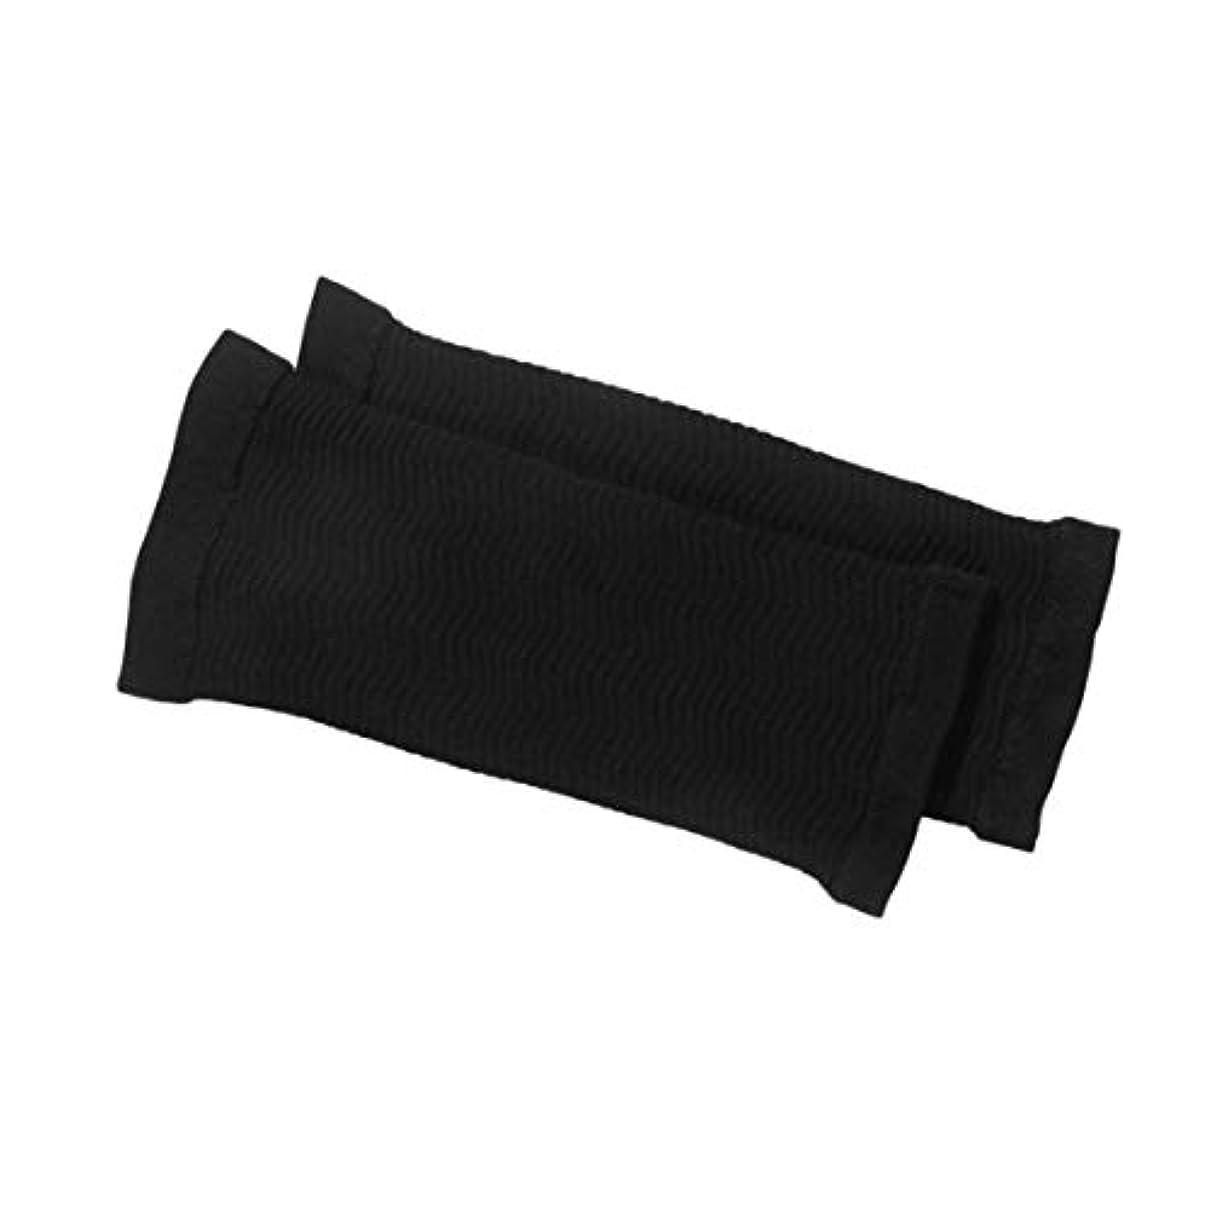 呼吸する化石値下げ1ペア420 D圧縮痩身アームスリーブワークアウトトーニングバーンセルライトシェイパー脂肪燃焼袖用女性 - 黒